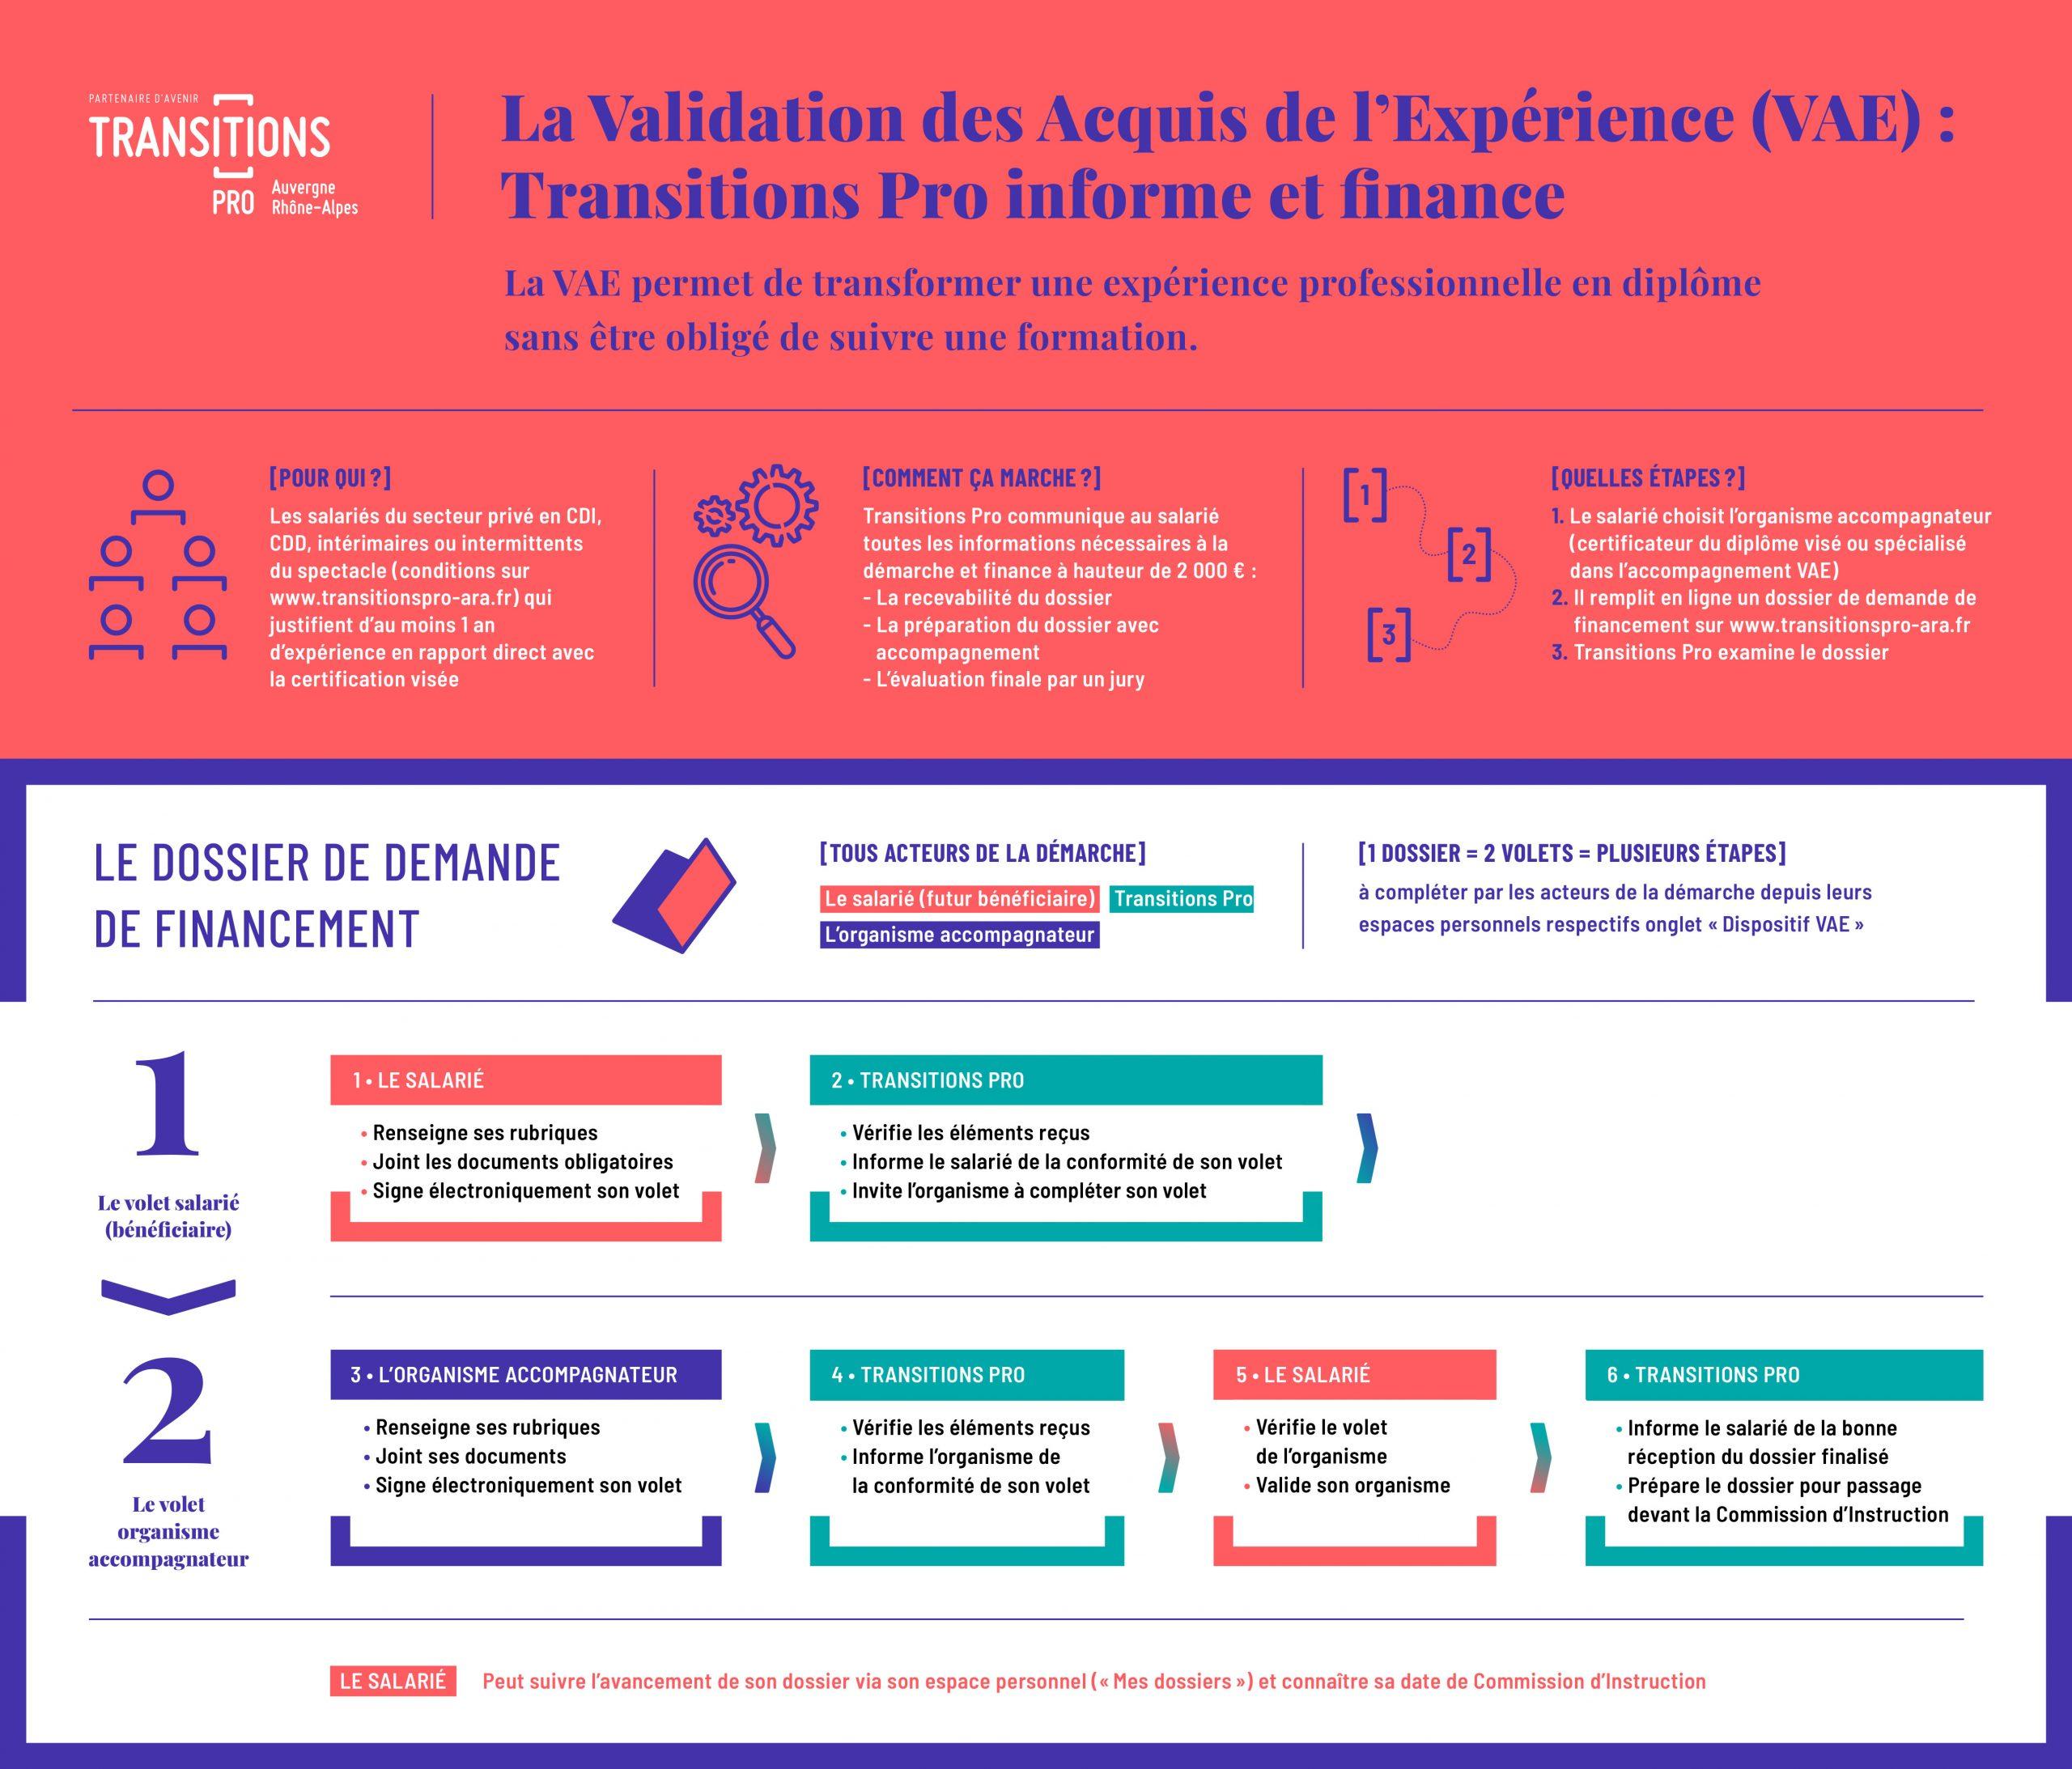 infographie explicative du dispositif de validation des acquis de l'expérience